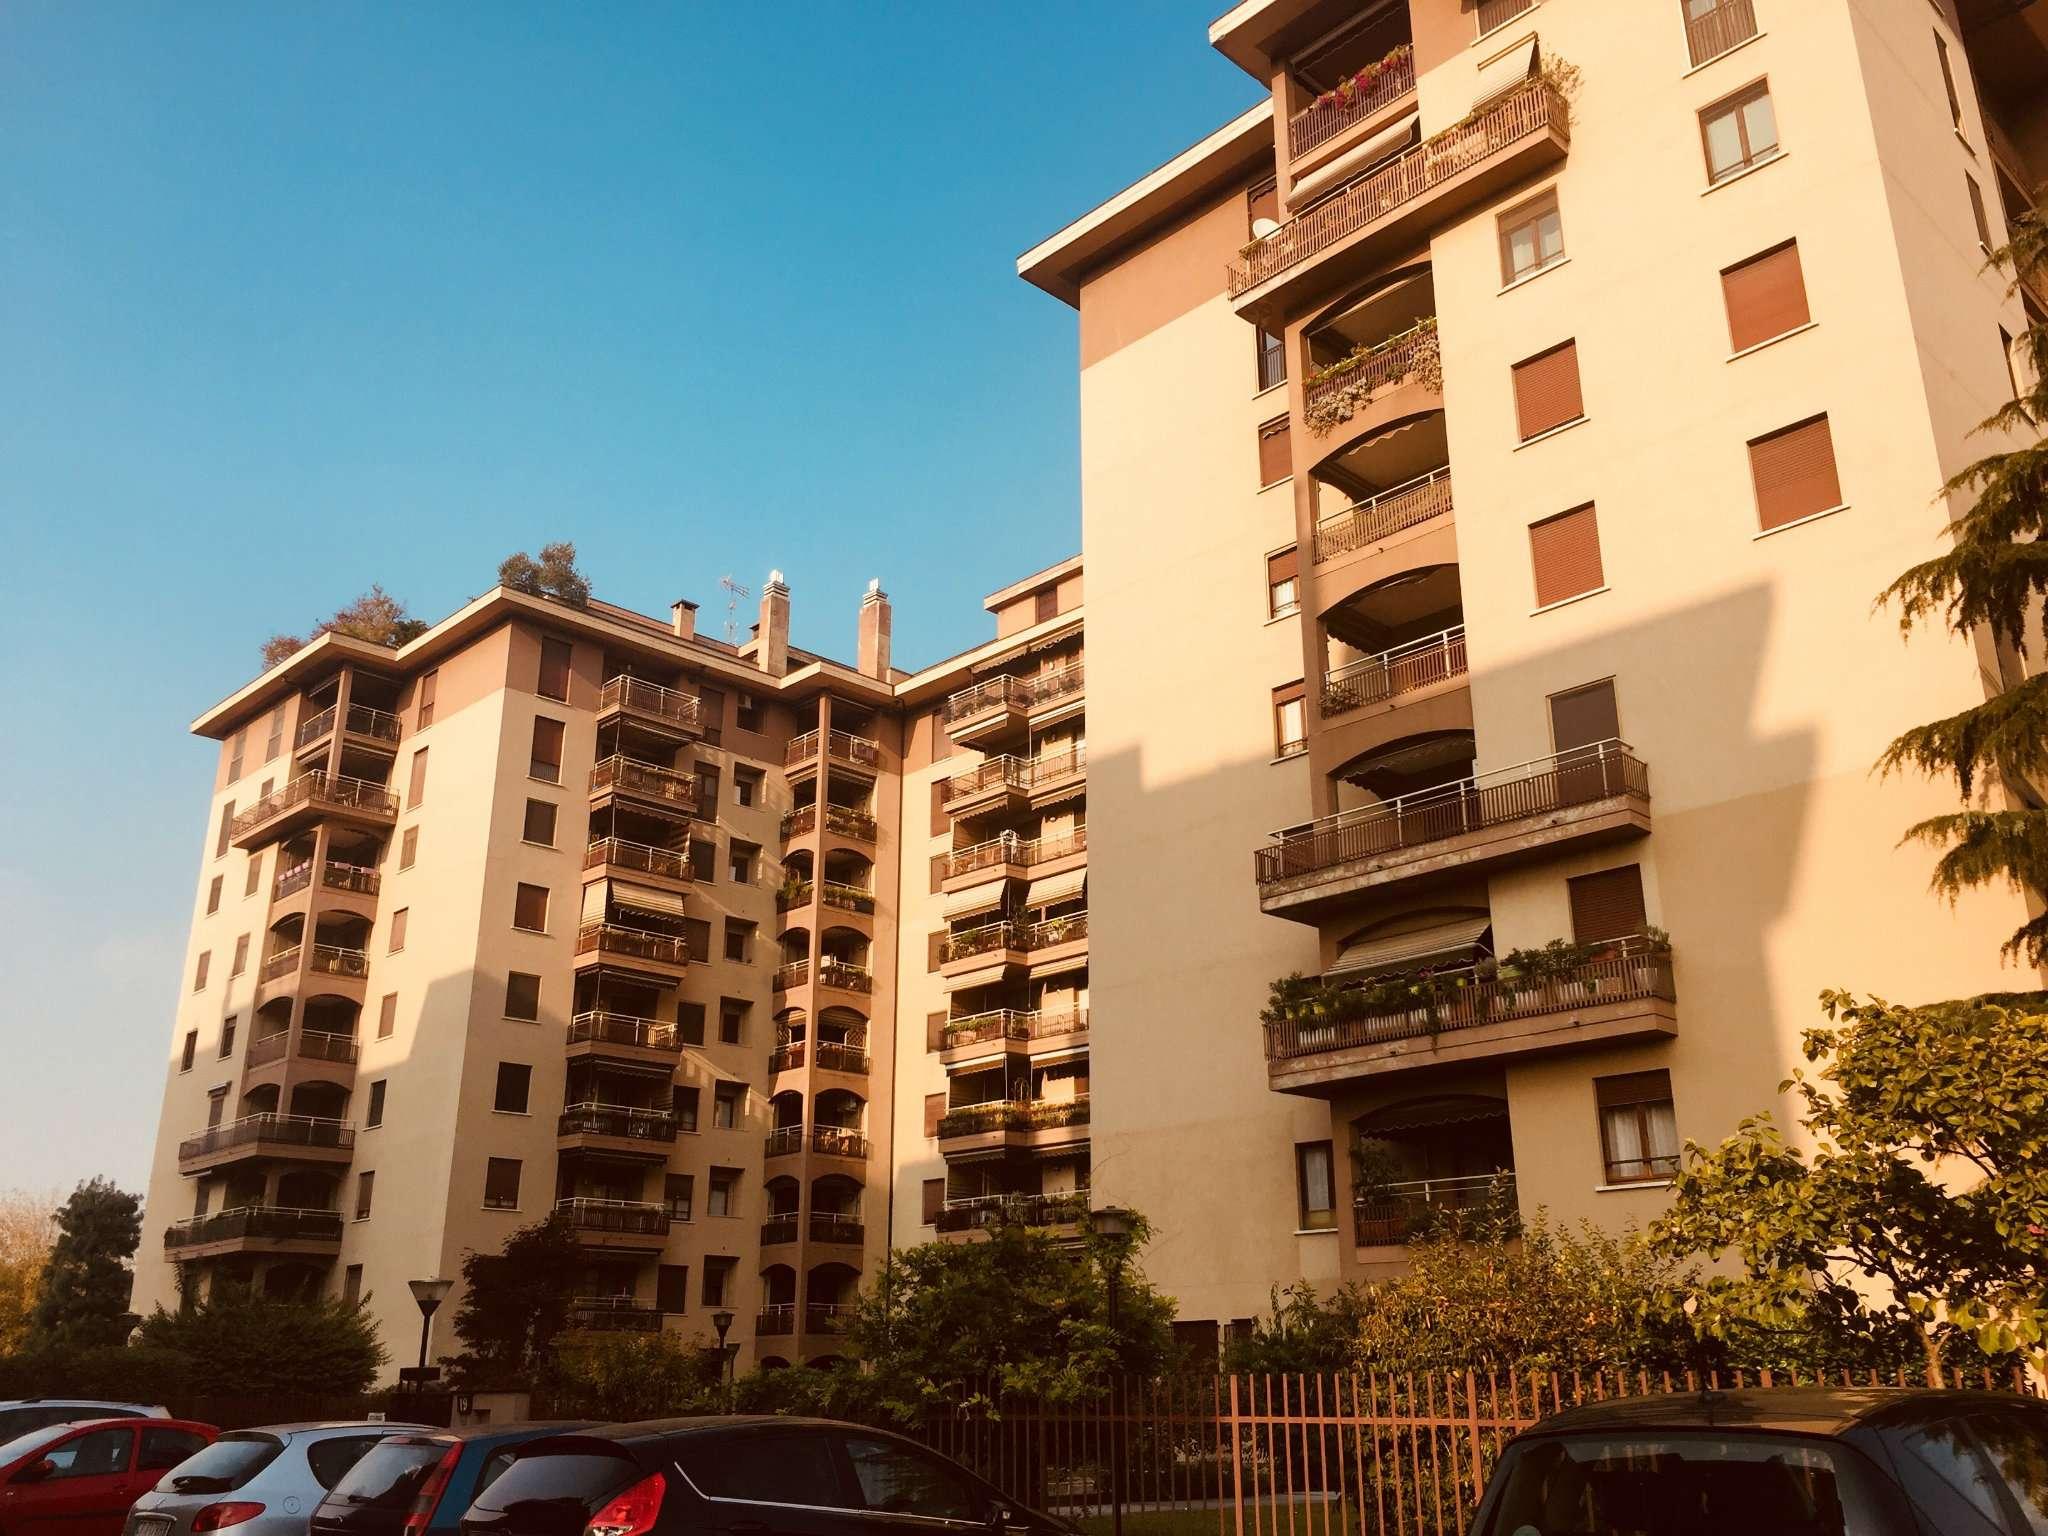 Appartamento in vendita a Trezzano sul Naviglio, 3 locali, prezzo € 150.000 | CambioCasa.it